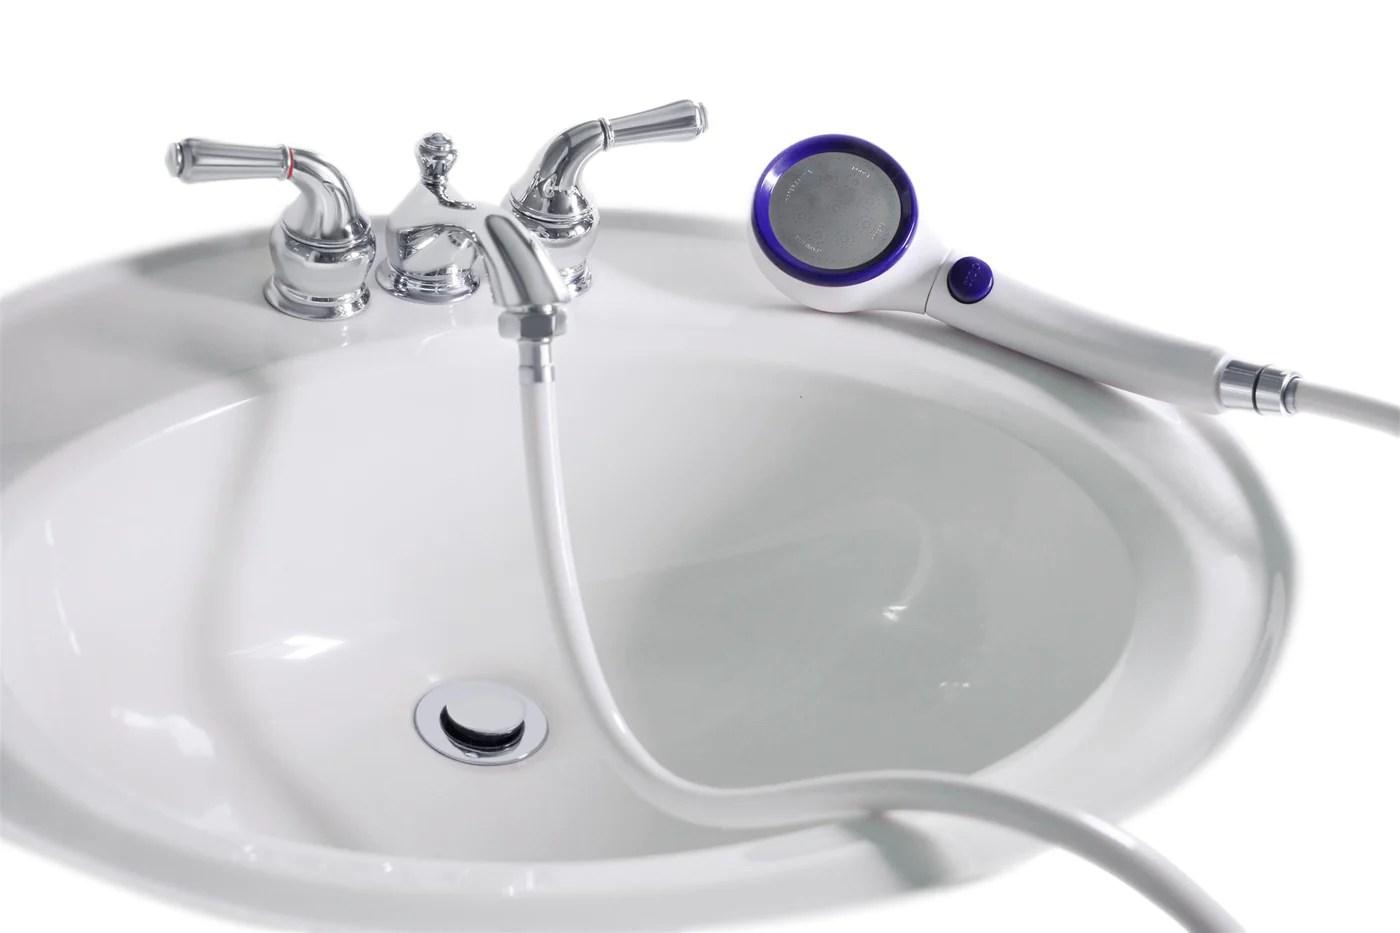 SmarterFresh Sink Hose Sprayer Attachment